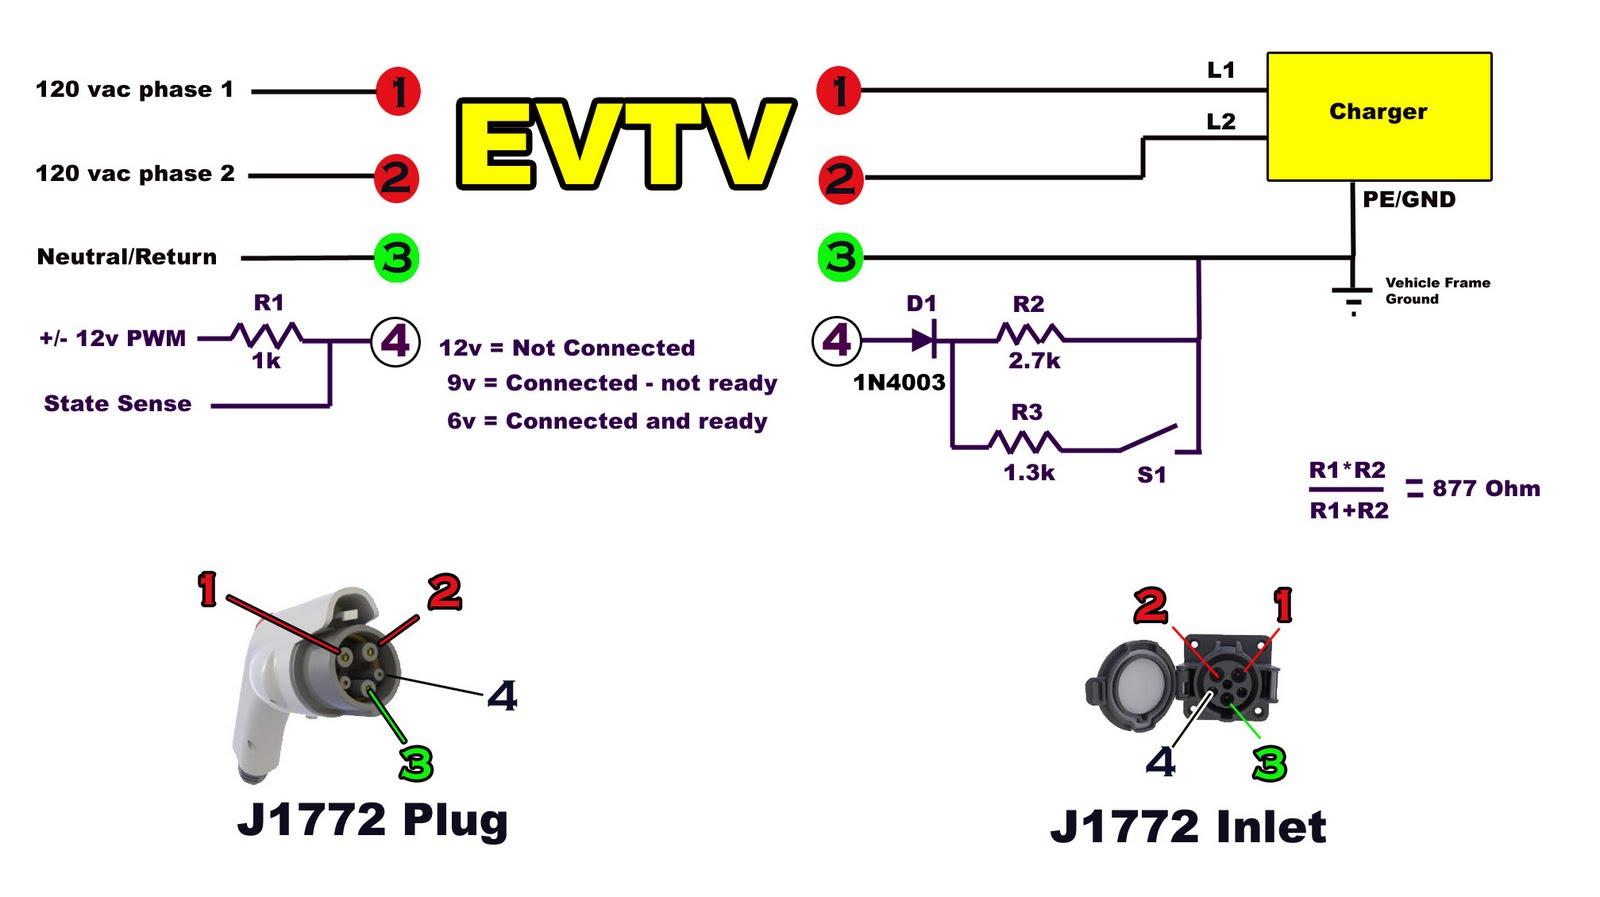 hight resolution of sae j1772 schematic wiring diagram data sae j1772 schematic